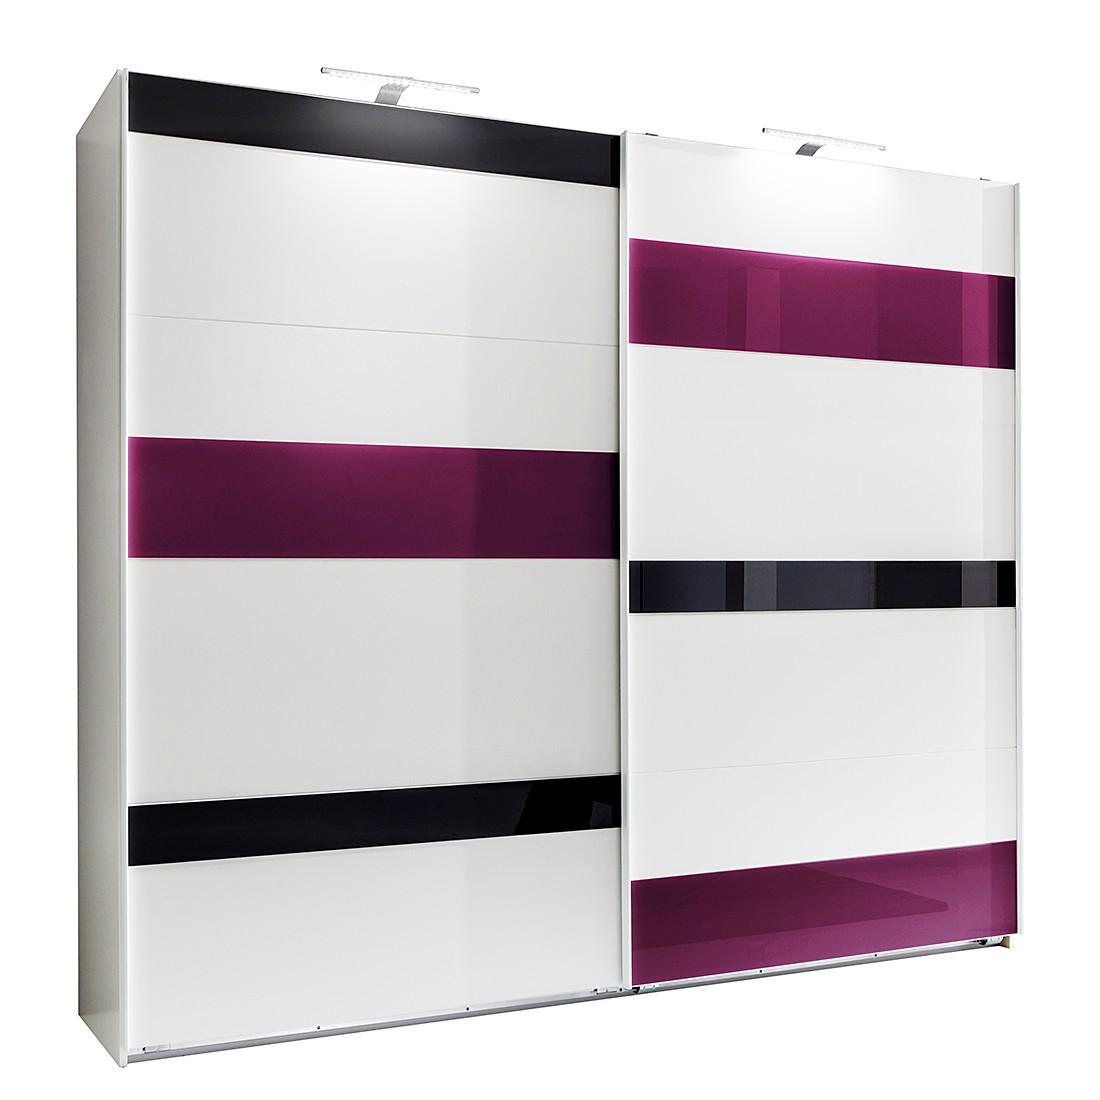 goedkoop Schuifdeurkast Mondrian Alpinewit braamkleurig glas 180cm 2 deurs Wimex